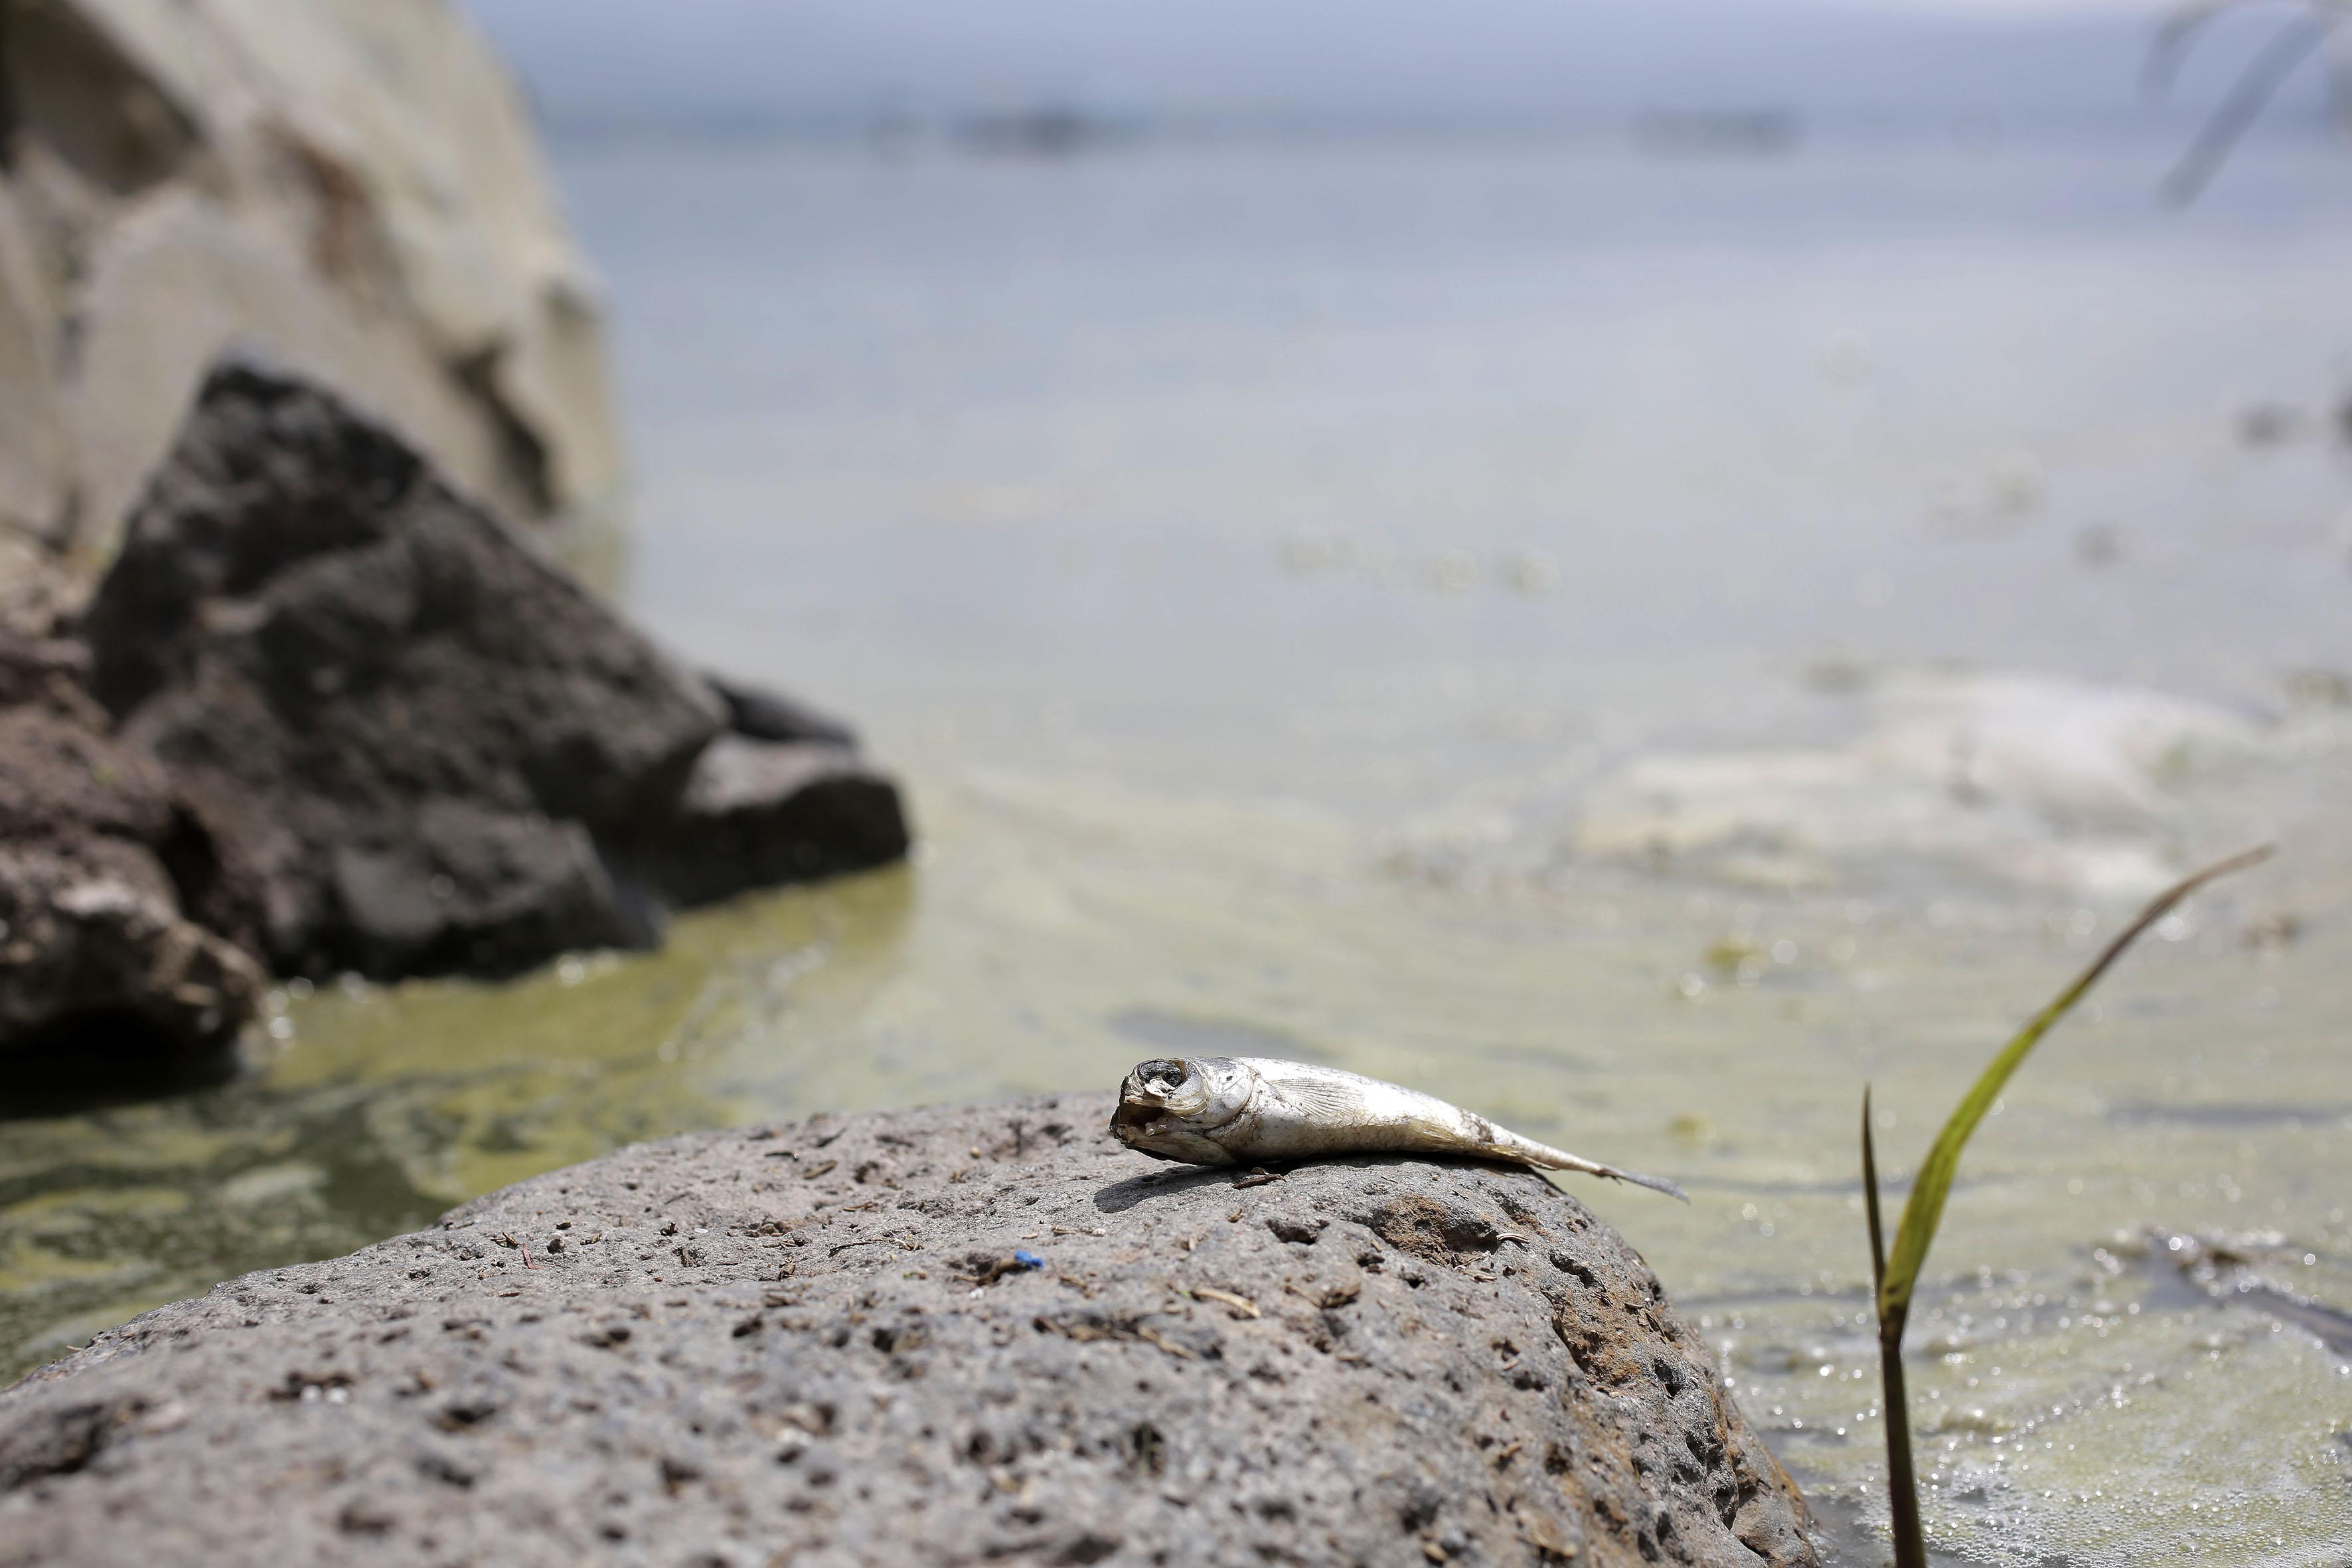 Pez en una piedra en la laguna de Cajititlán